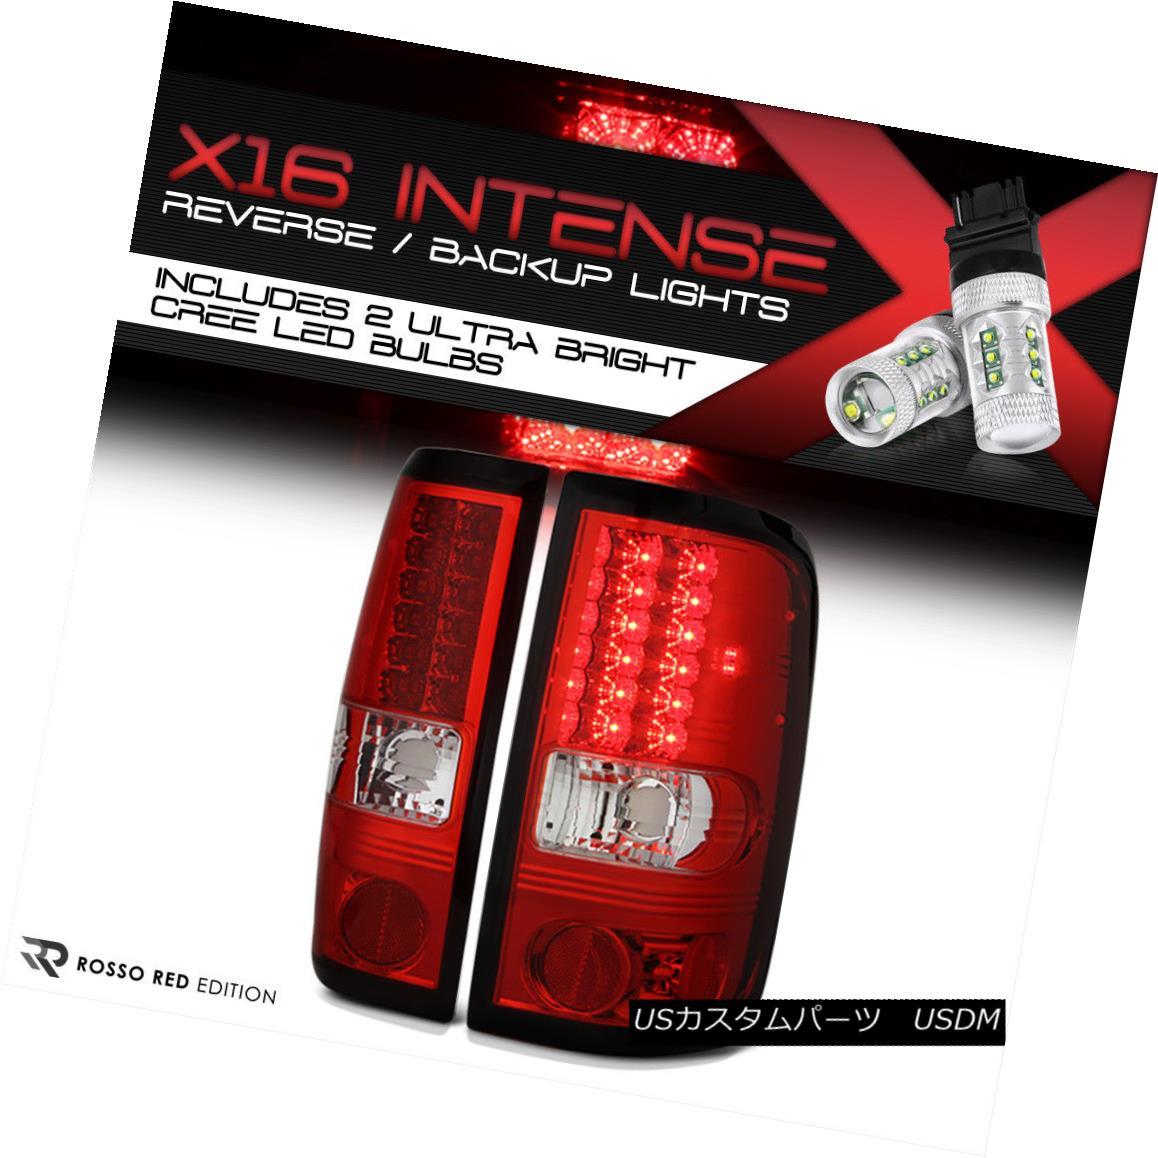 テールライト [High-Power SMD Backup] 04-08 Ford F150 Lobo Tail Lights Brake FX2 FX4 V8 V6 Cab [ハイパワーSMDバックアップ] 04-08フォードF150ロボテールライトブレーキFX2 FX4 V8 V6キャブ